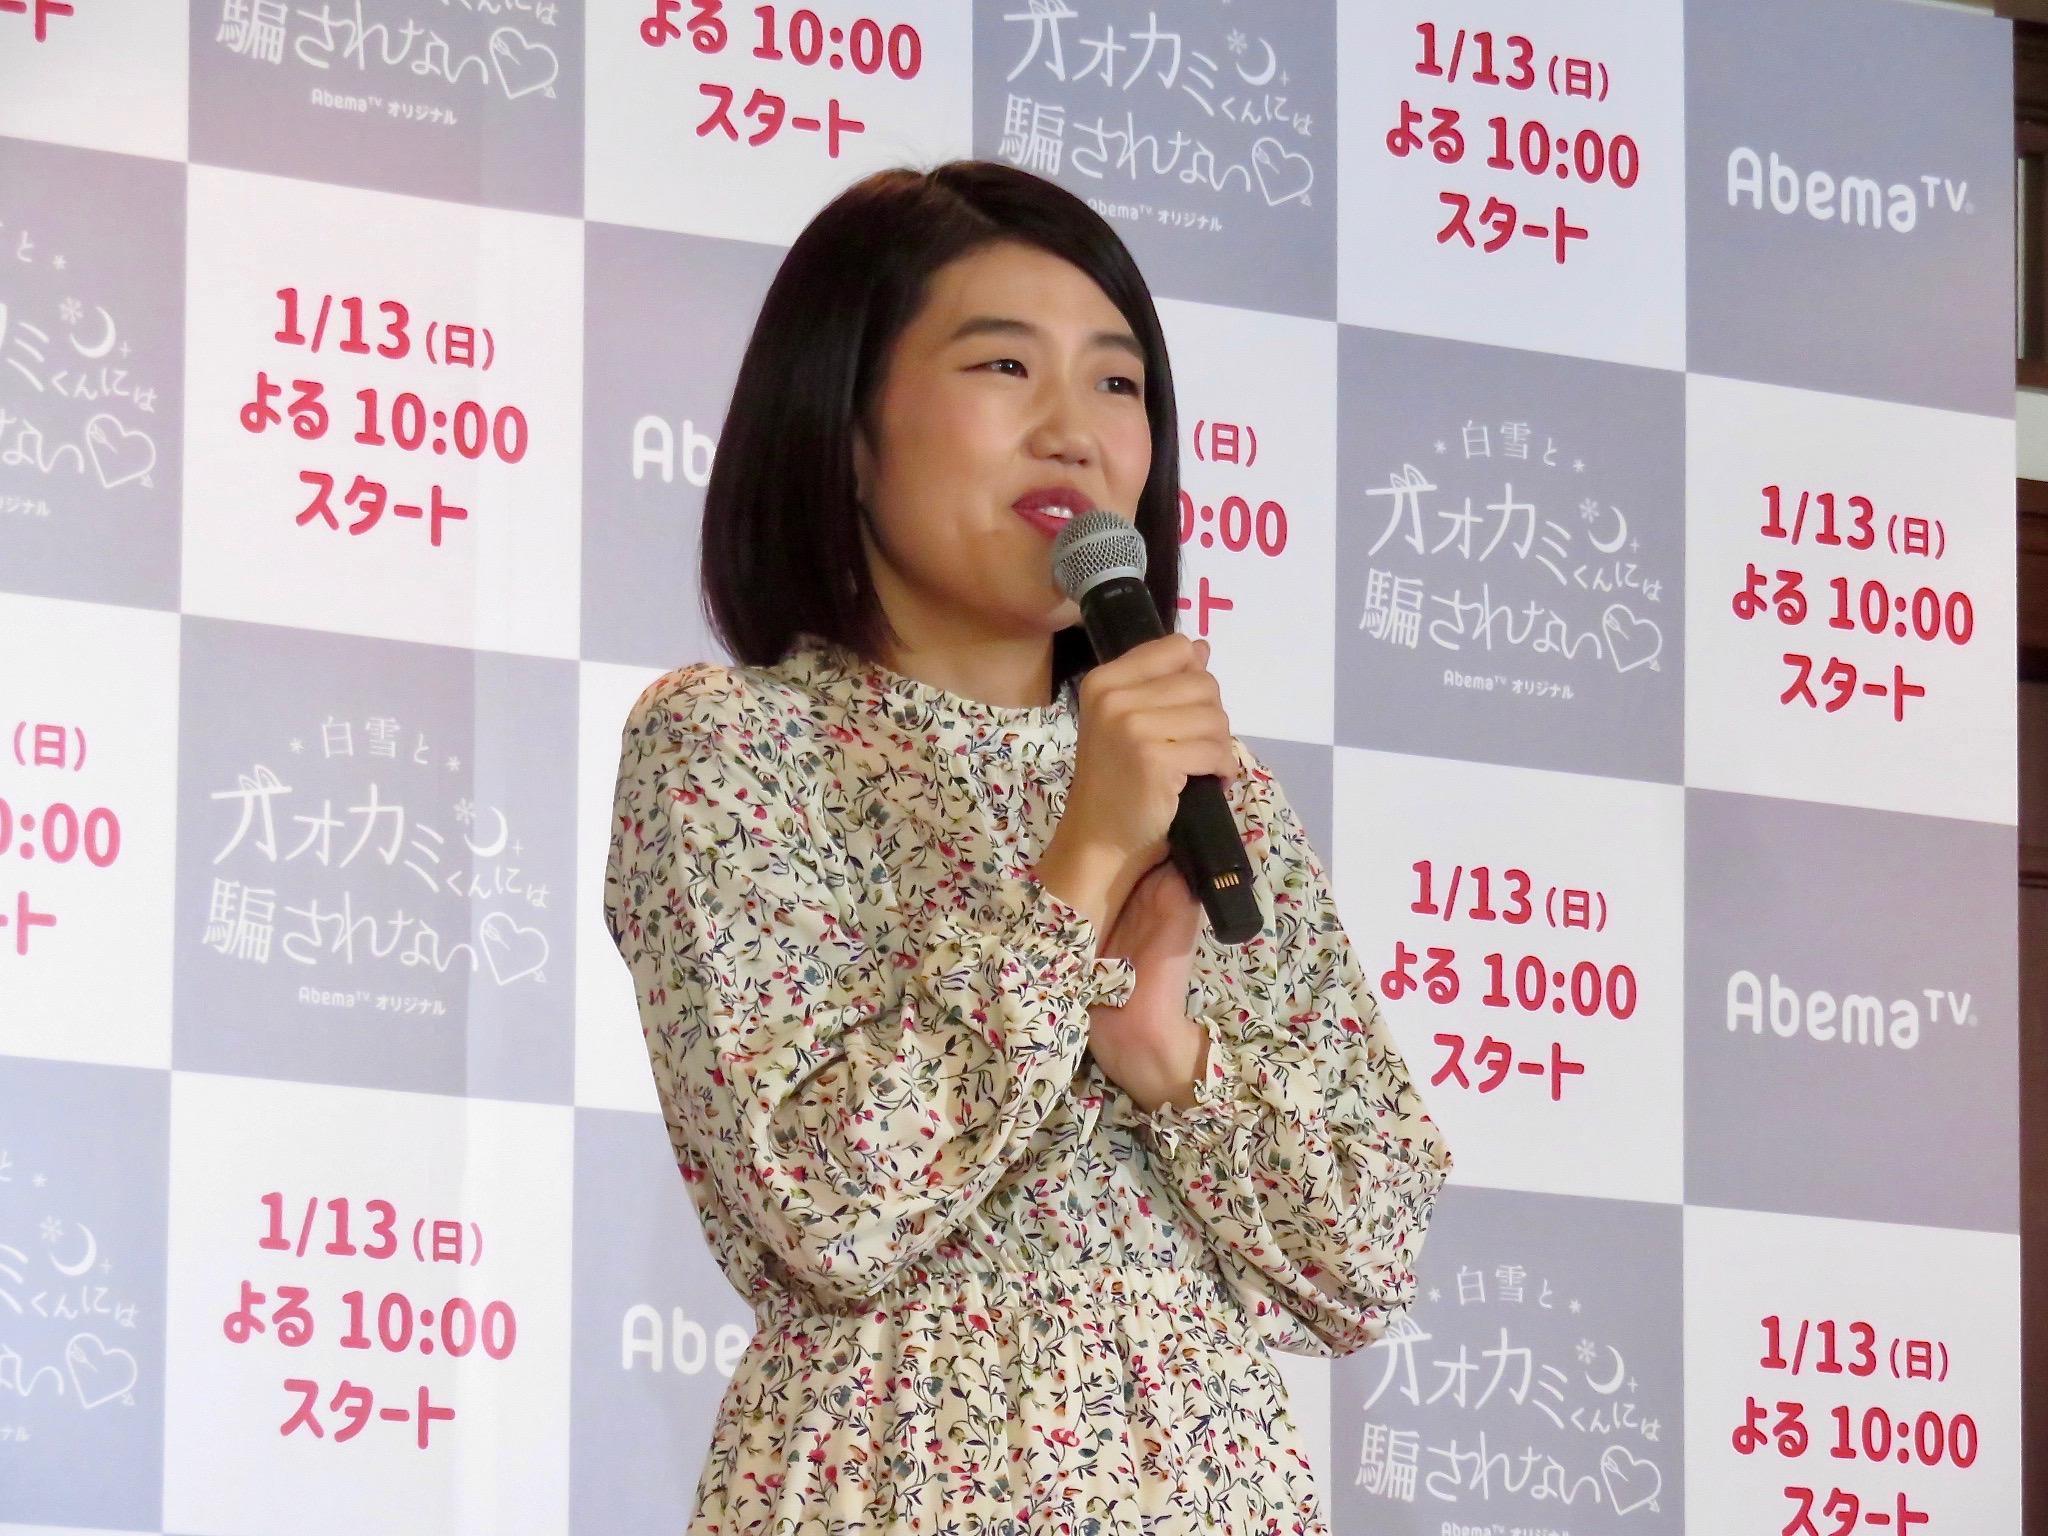 http://news.yoshimoto.co.jp/20190110203643-e5b4dba12e41a0987918bd2f4cae253b5182f1d8.jpeg